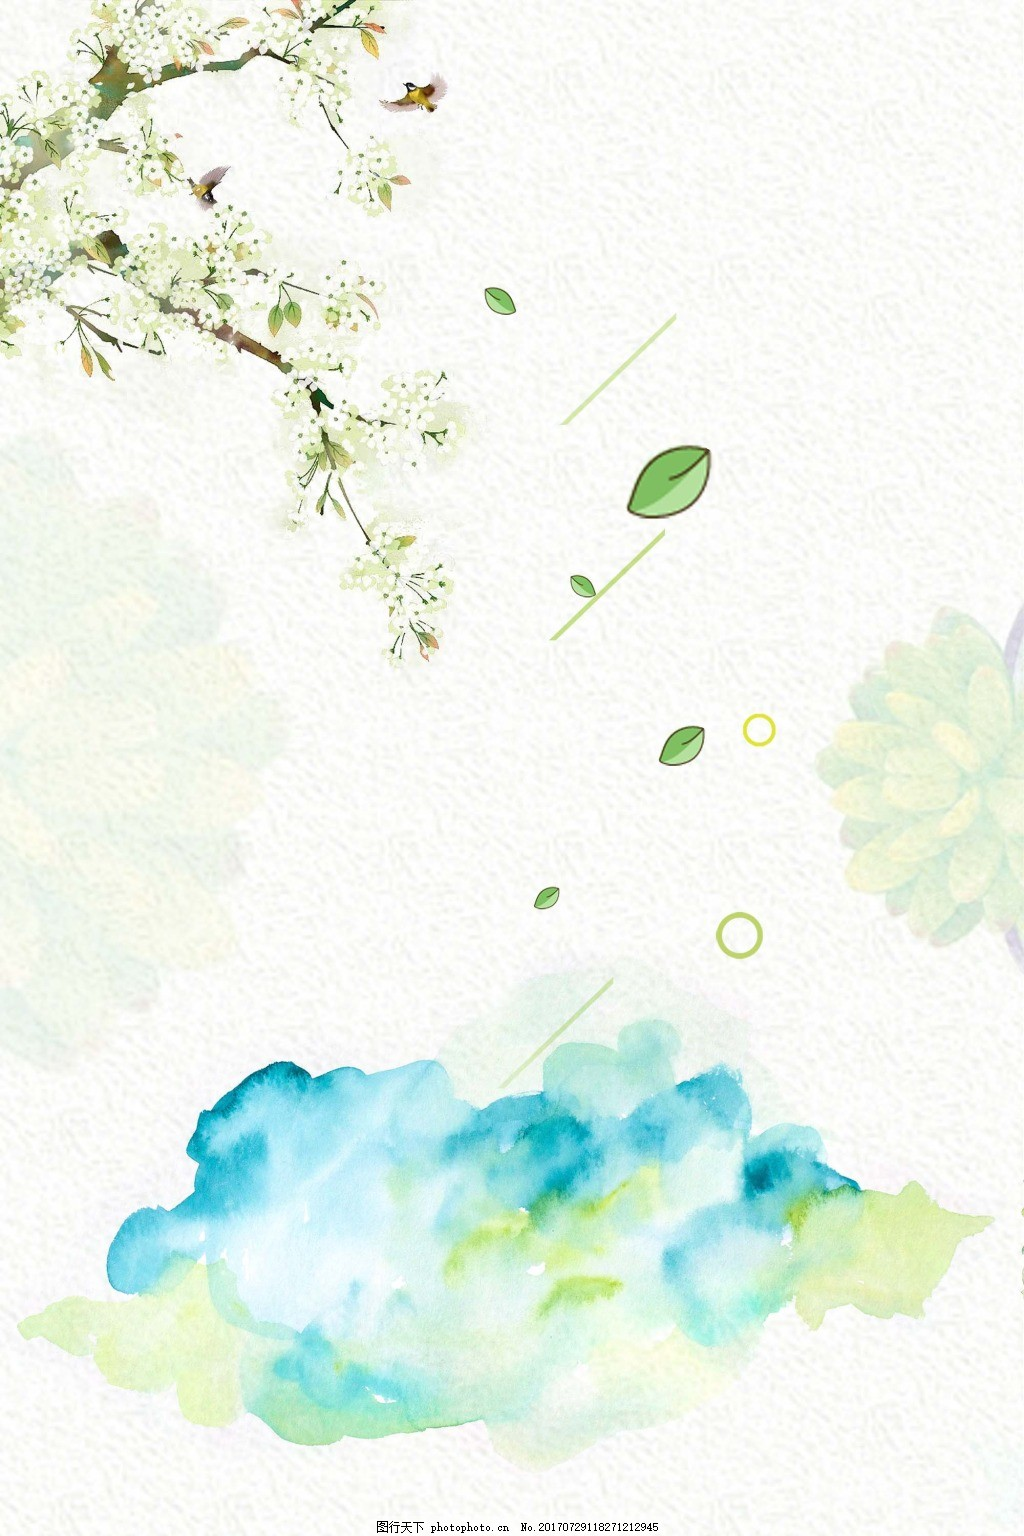 中国风水墨花鸟图背景